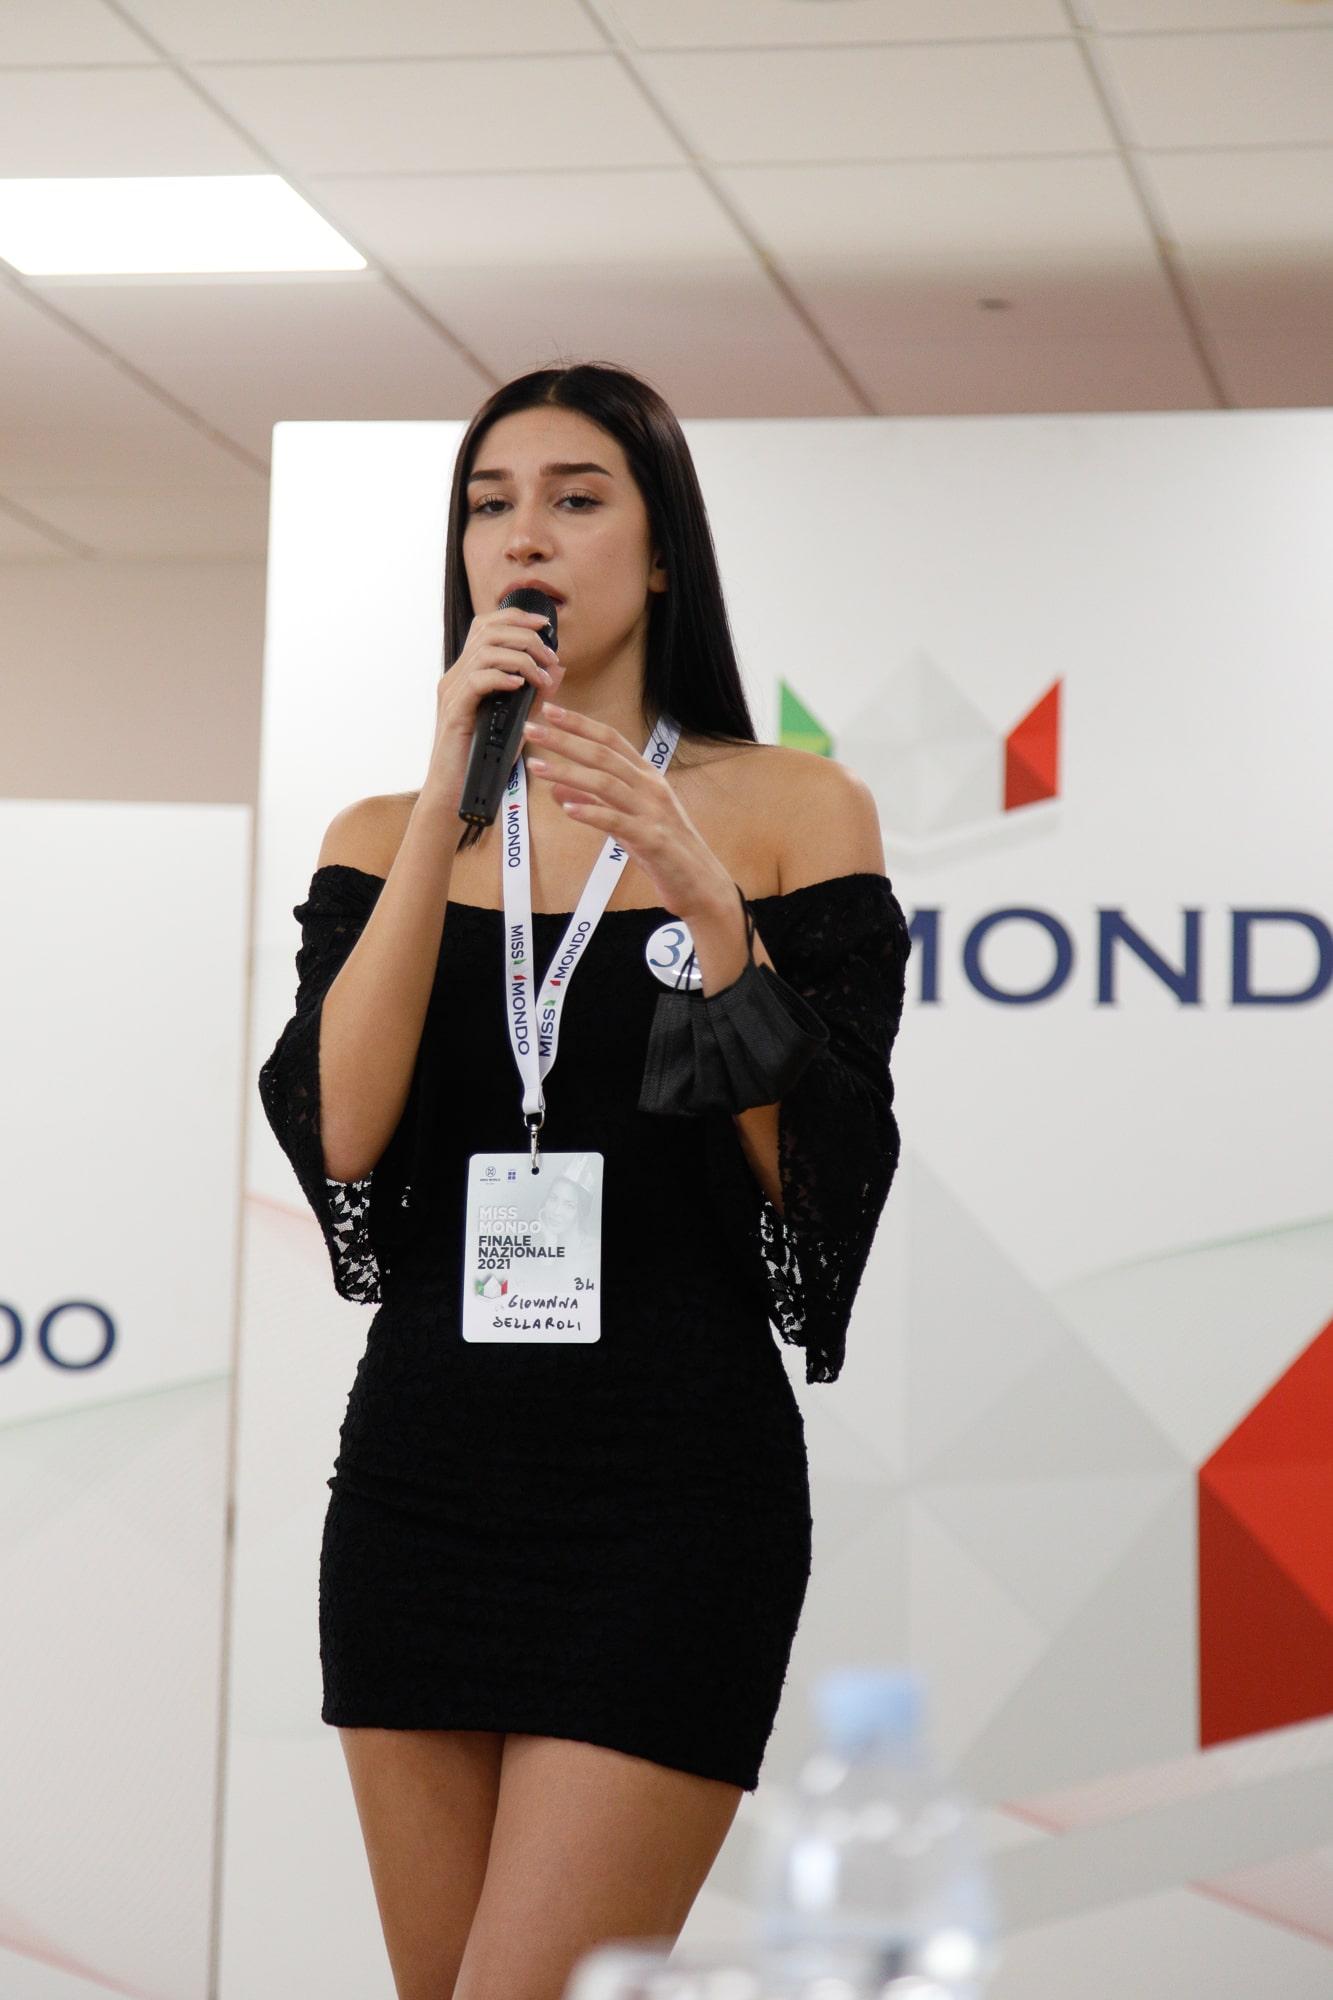 Finale nazione Miss Mondo Italia 2021 Audizione Talent 2 - 2